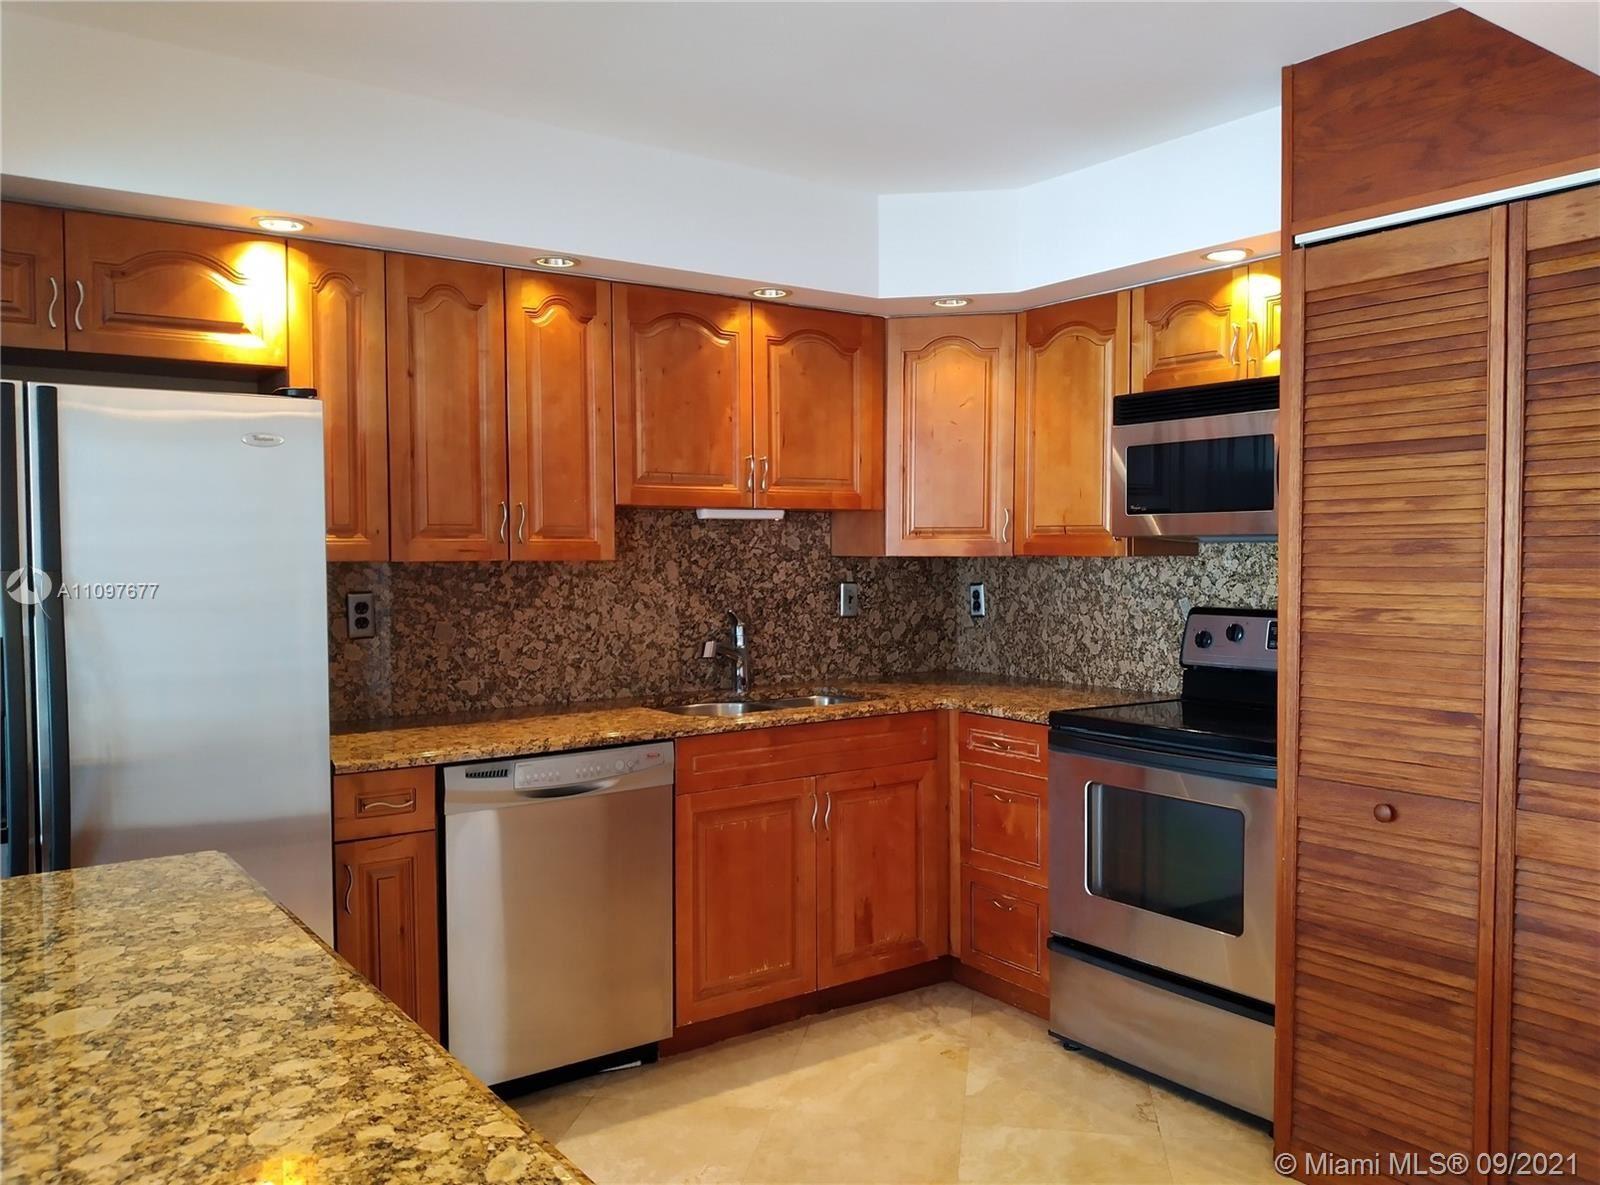 1865 Brickell Ave #A2007, Miami, FL 33129 - #: A11097677